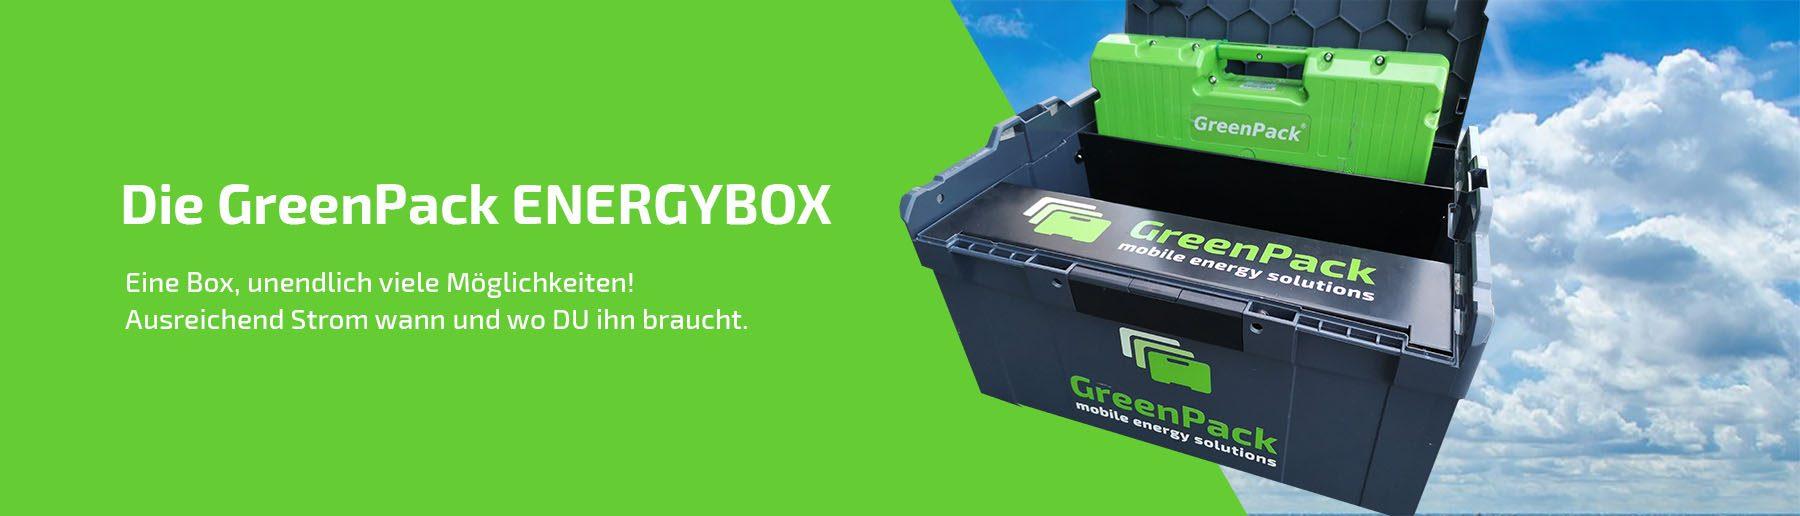 claim-box